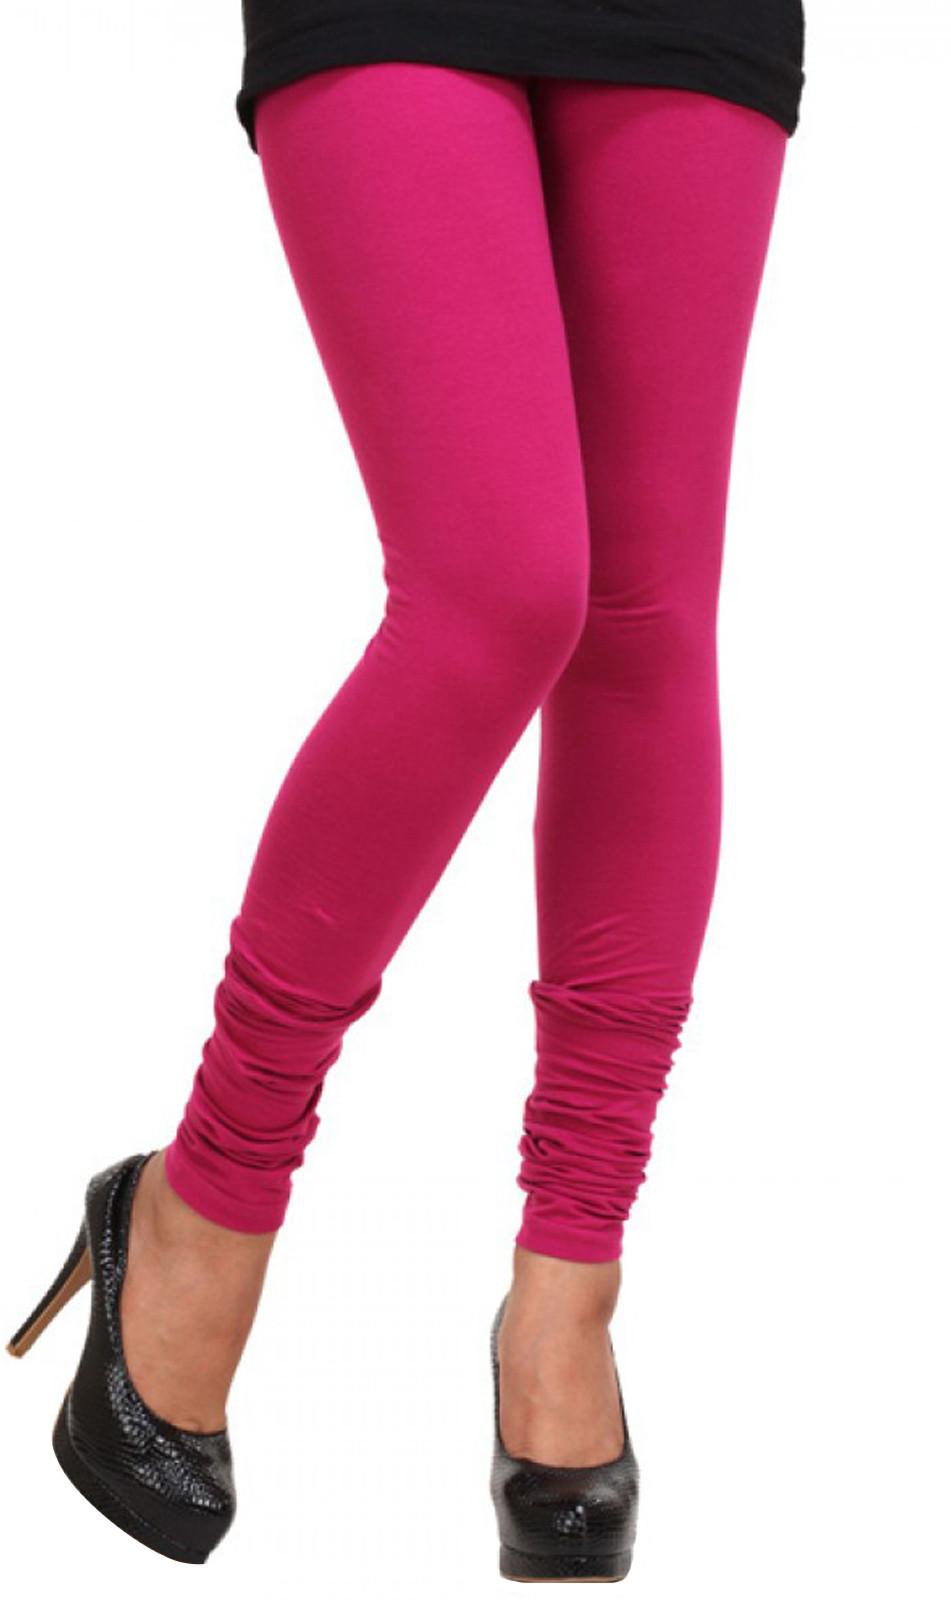 Itzmyfashion Womens Pink Leggings